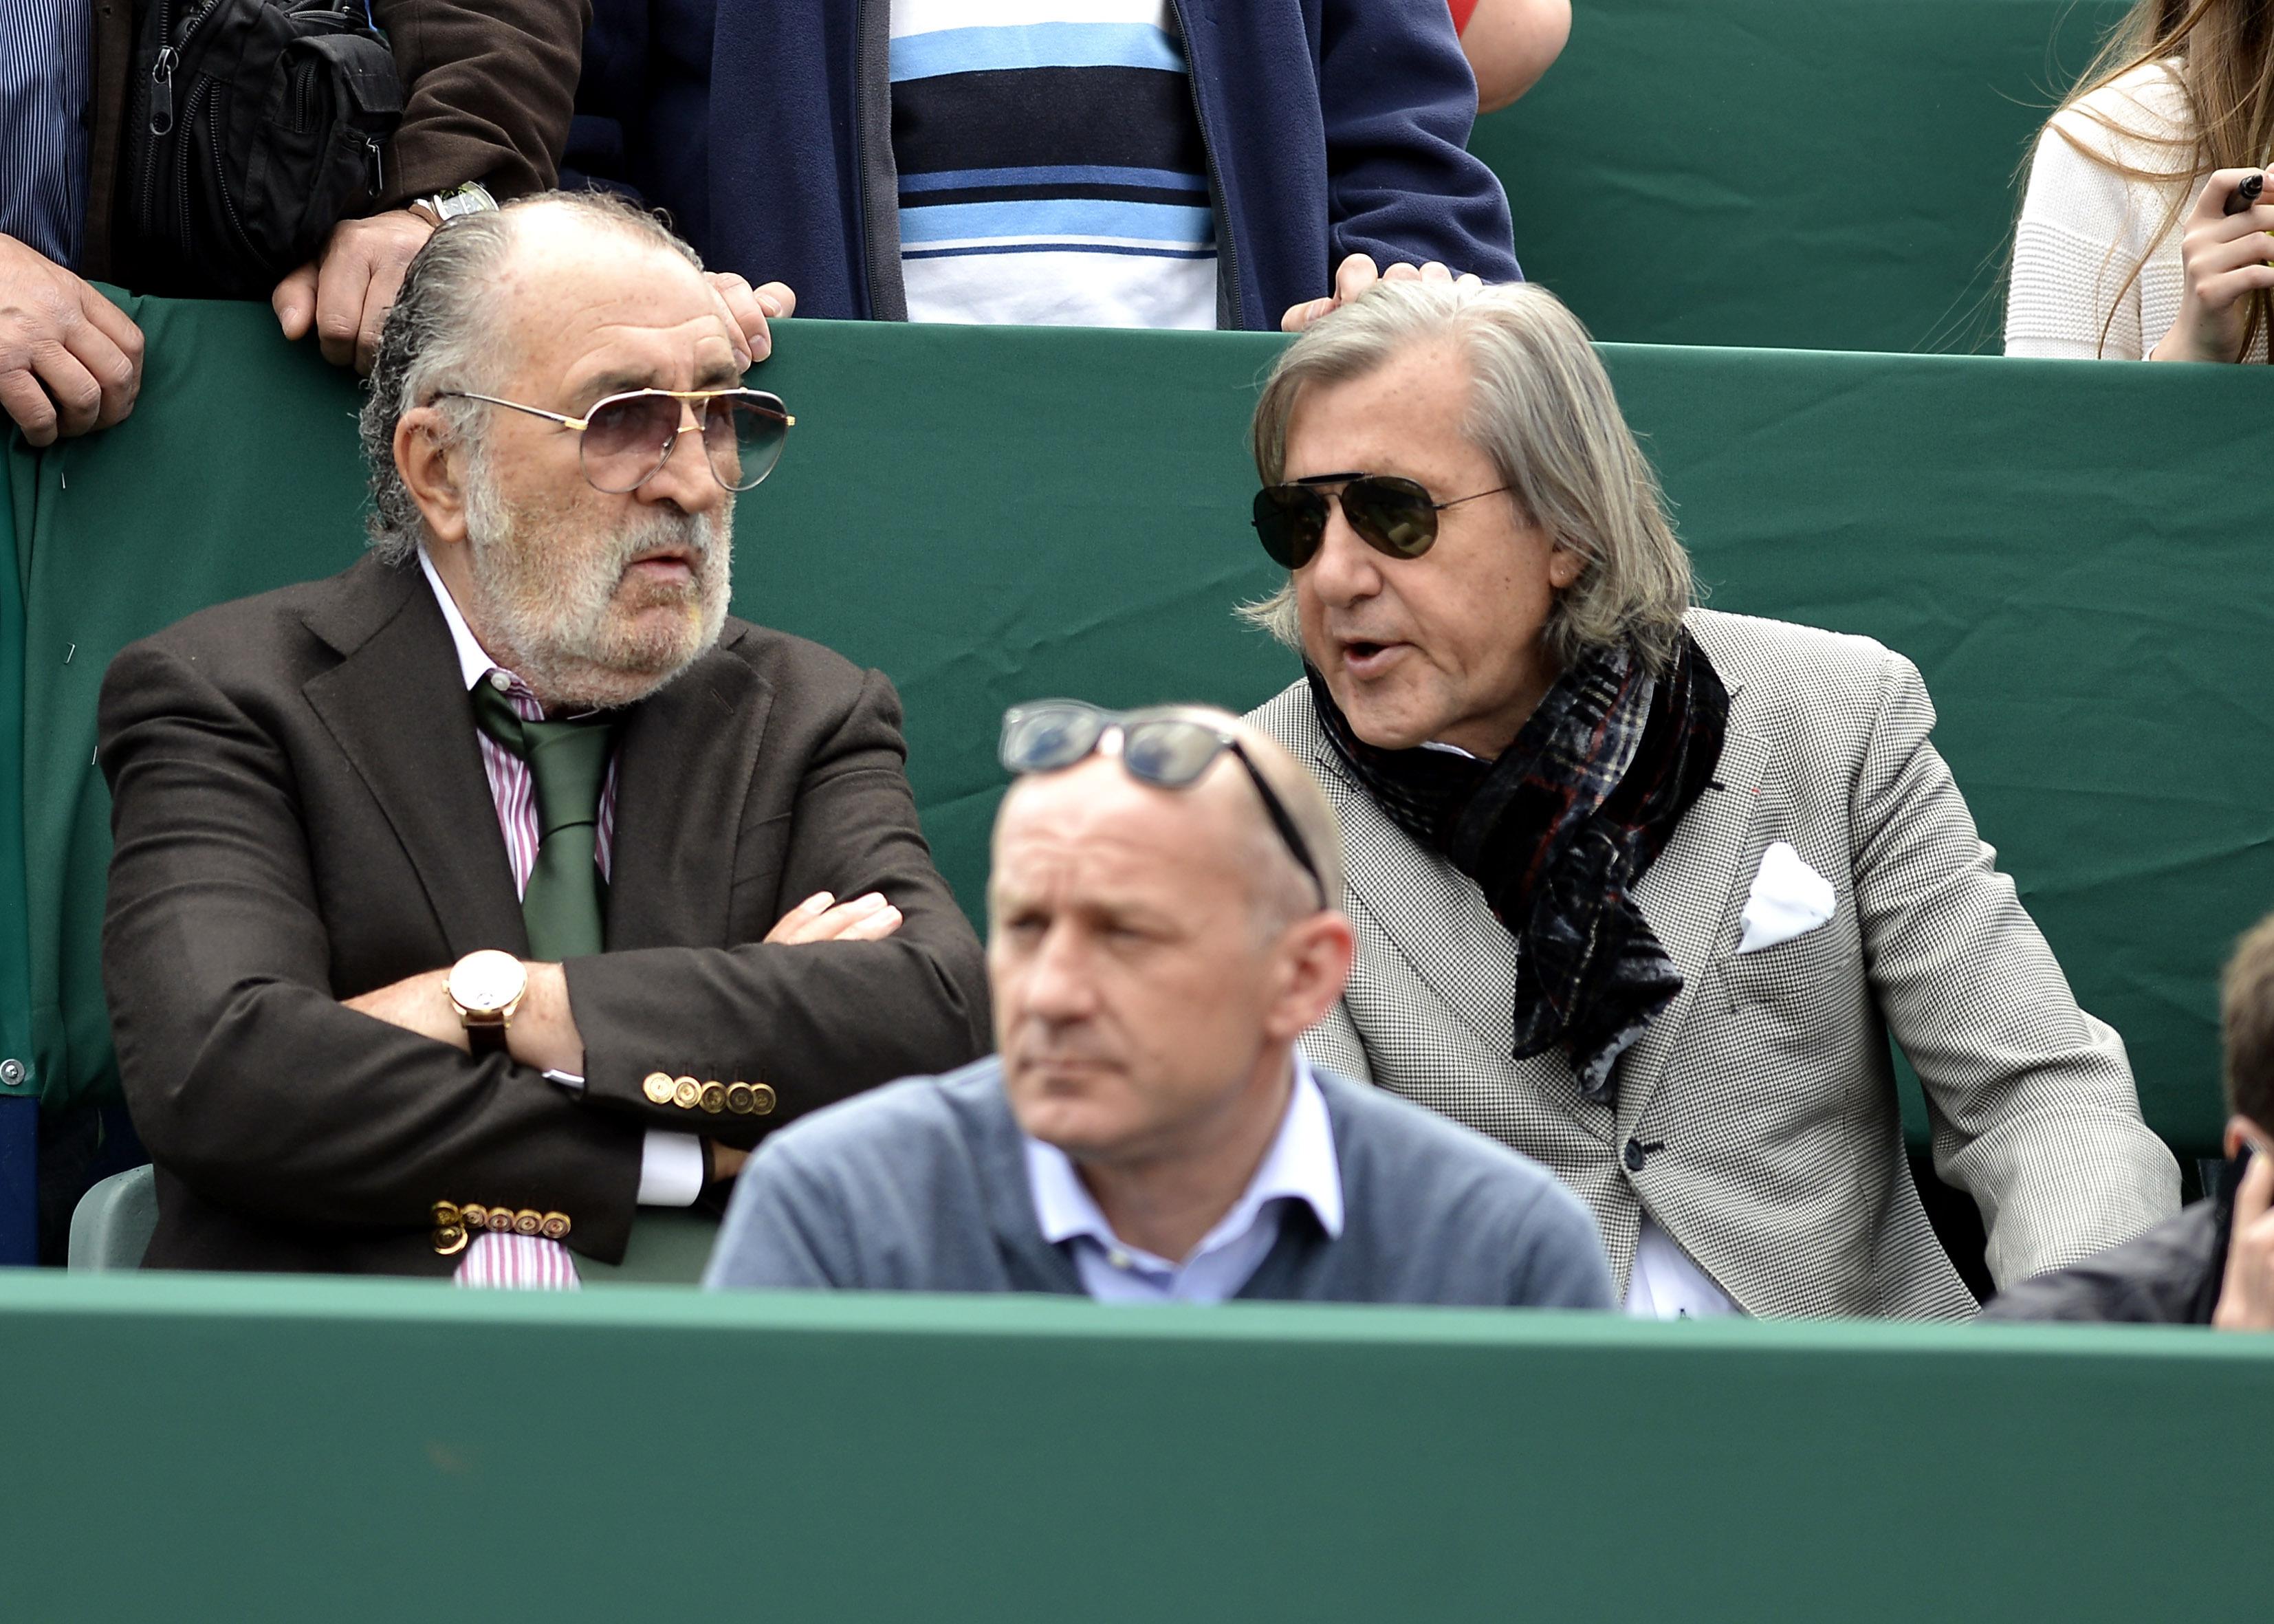 Ilie Năstase, Simona Halep, Irina Begu, Sorana Cîrstea şi Horia Tecău fac front comun şi depun o petiţie cu privire la Arenele de Tenis Progresul